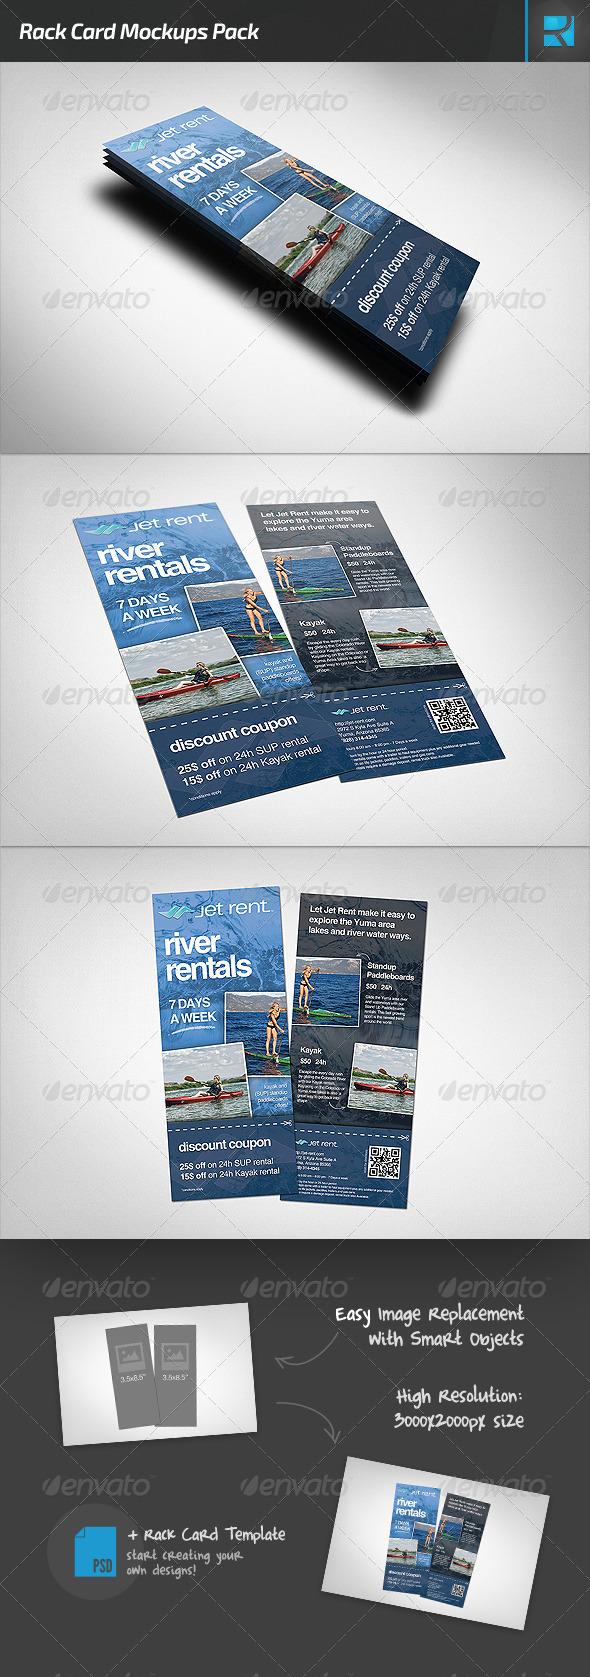 GraphicRiver Rack Card Mockups Pack 7423718